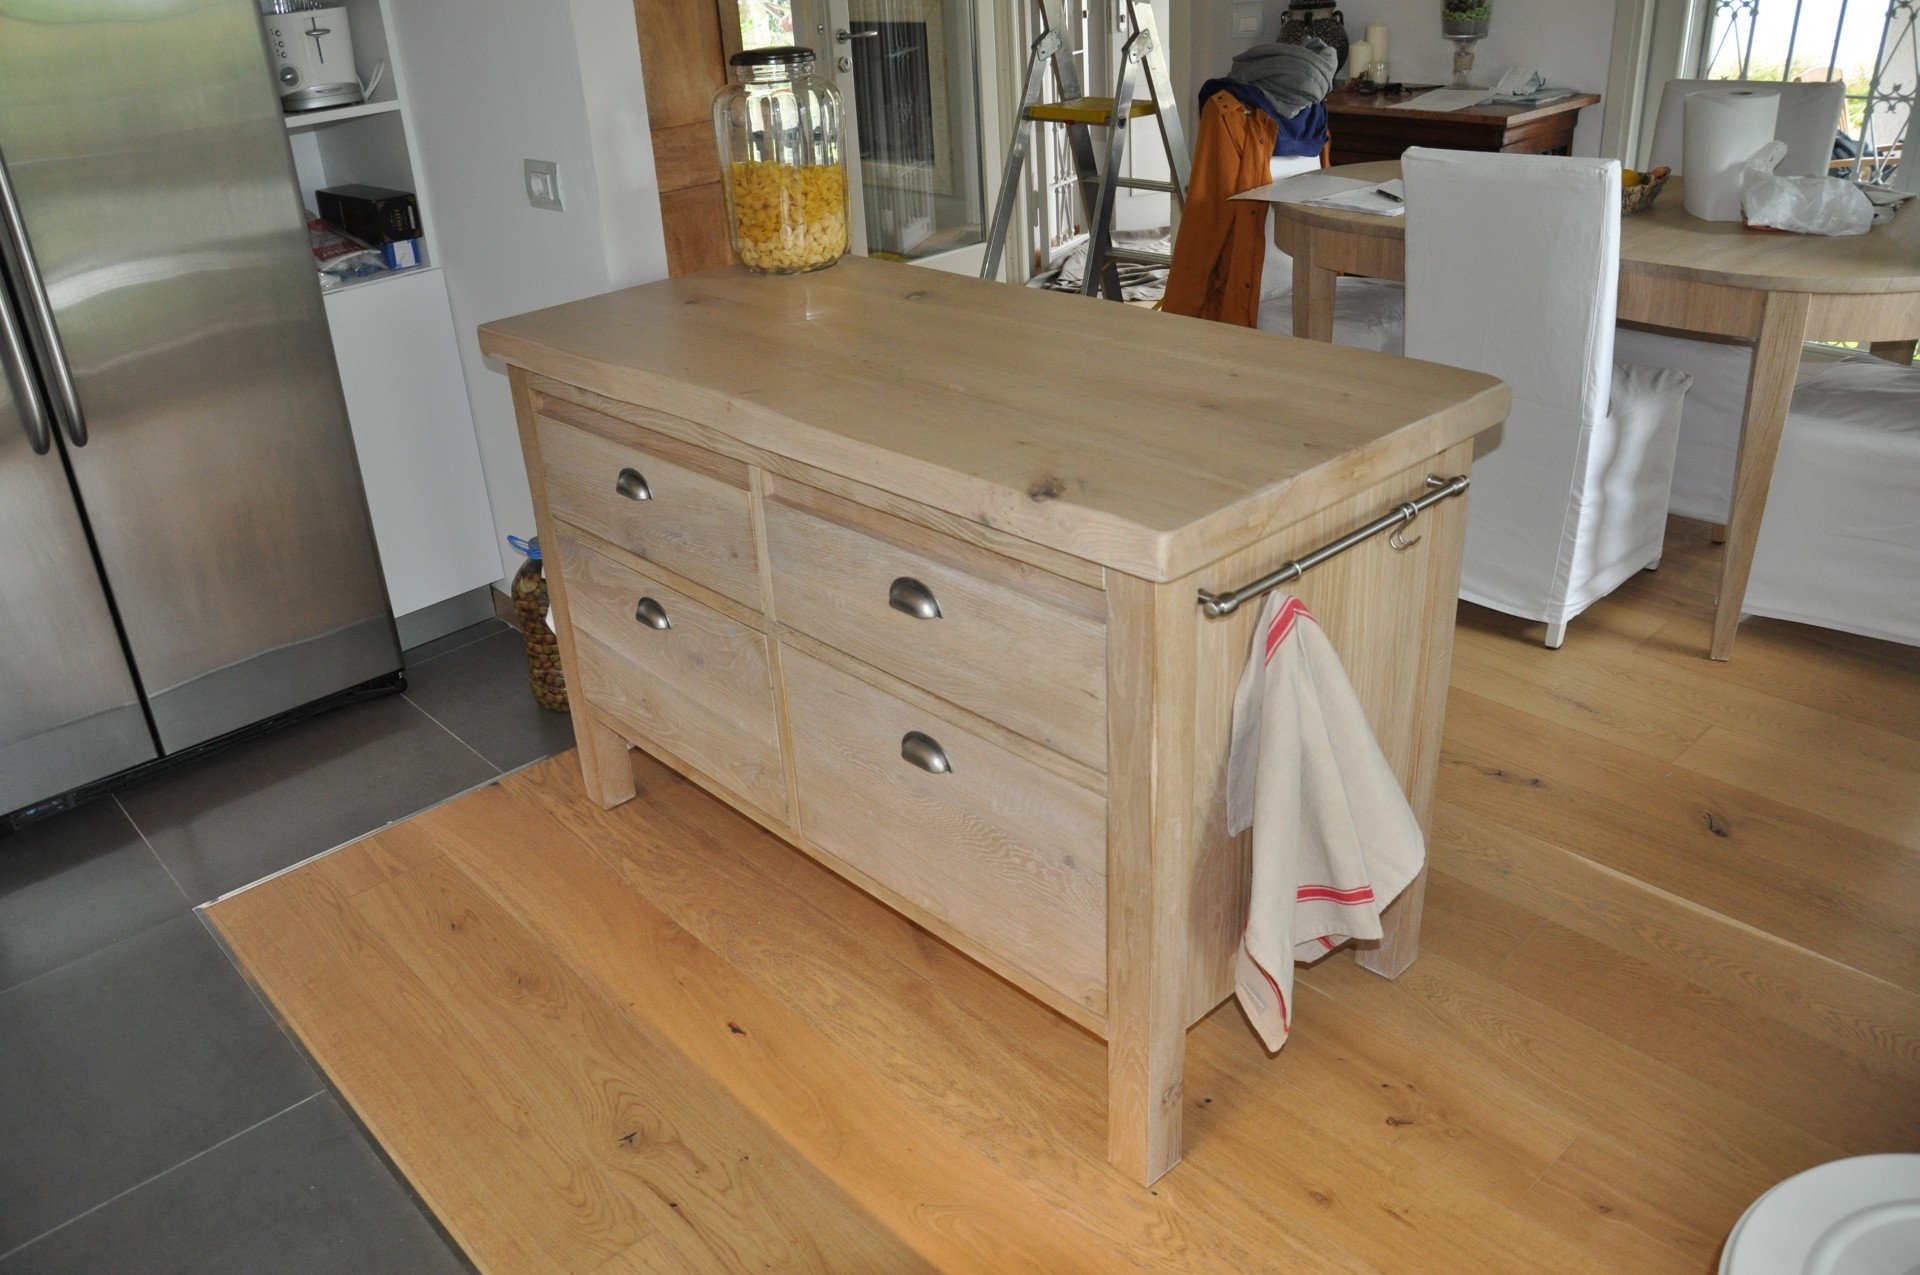 Cucina costruita in legno di rovere su misura fadini - Cucine fai da te in legno ...